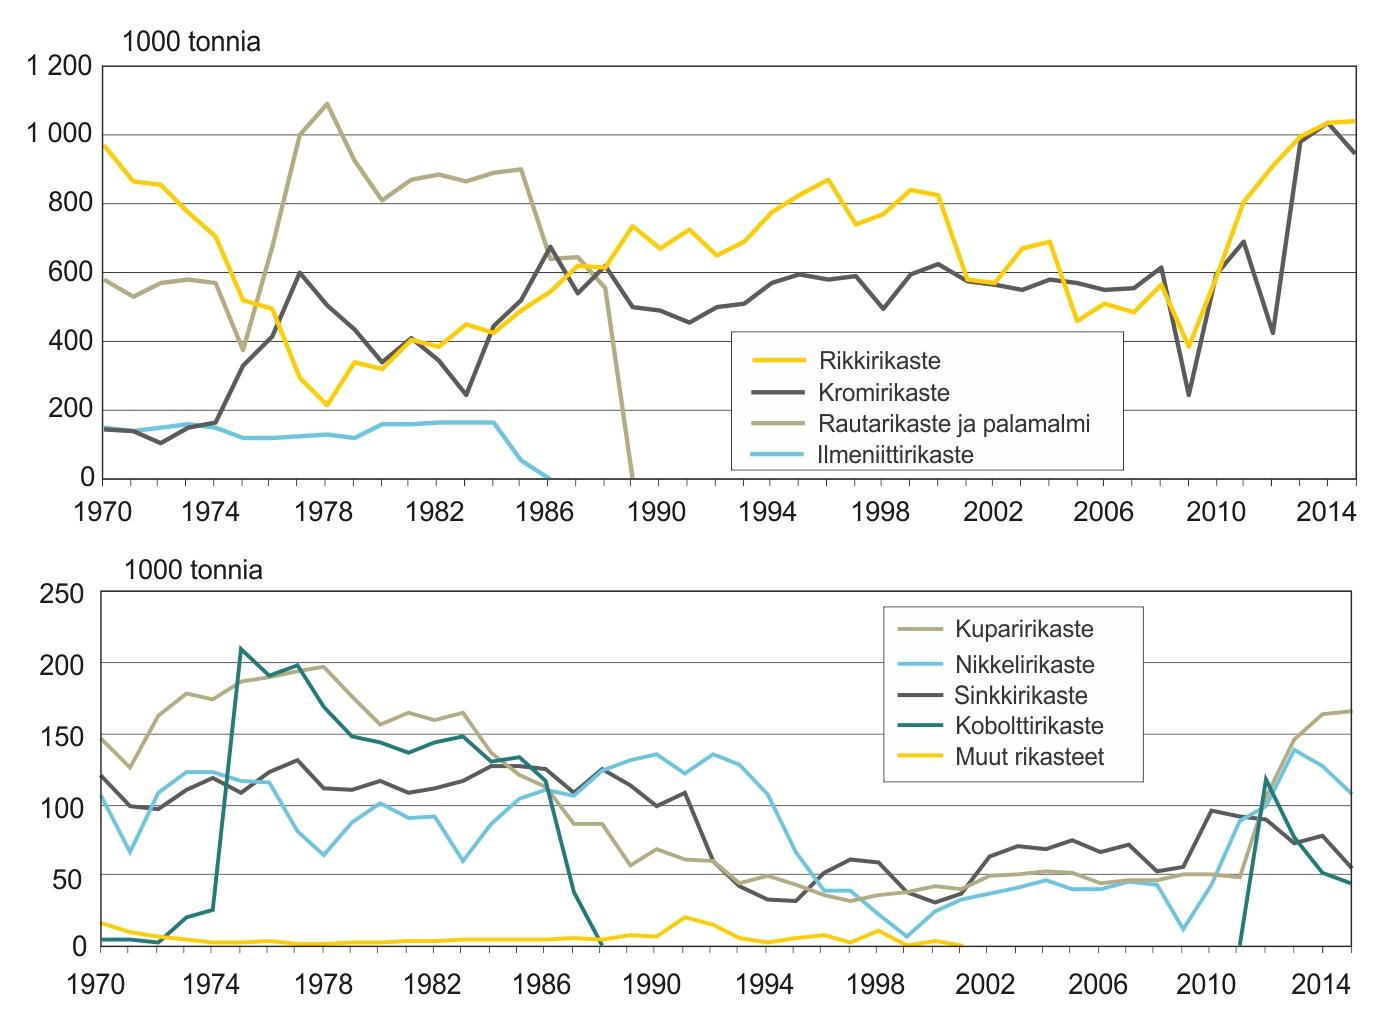 Suomen metallimalmikaivoksista tuotetut rikasteet vuodesta 1970. Lähde: 1970–1996 Puustinen (2003), 1997–2010 TEM, 2011–2015 Tukes.